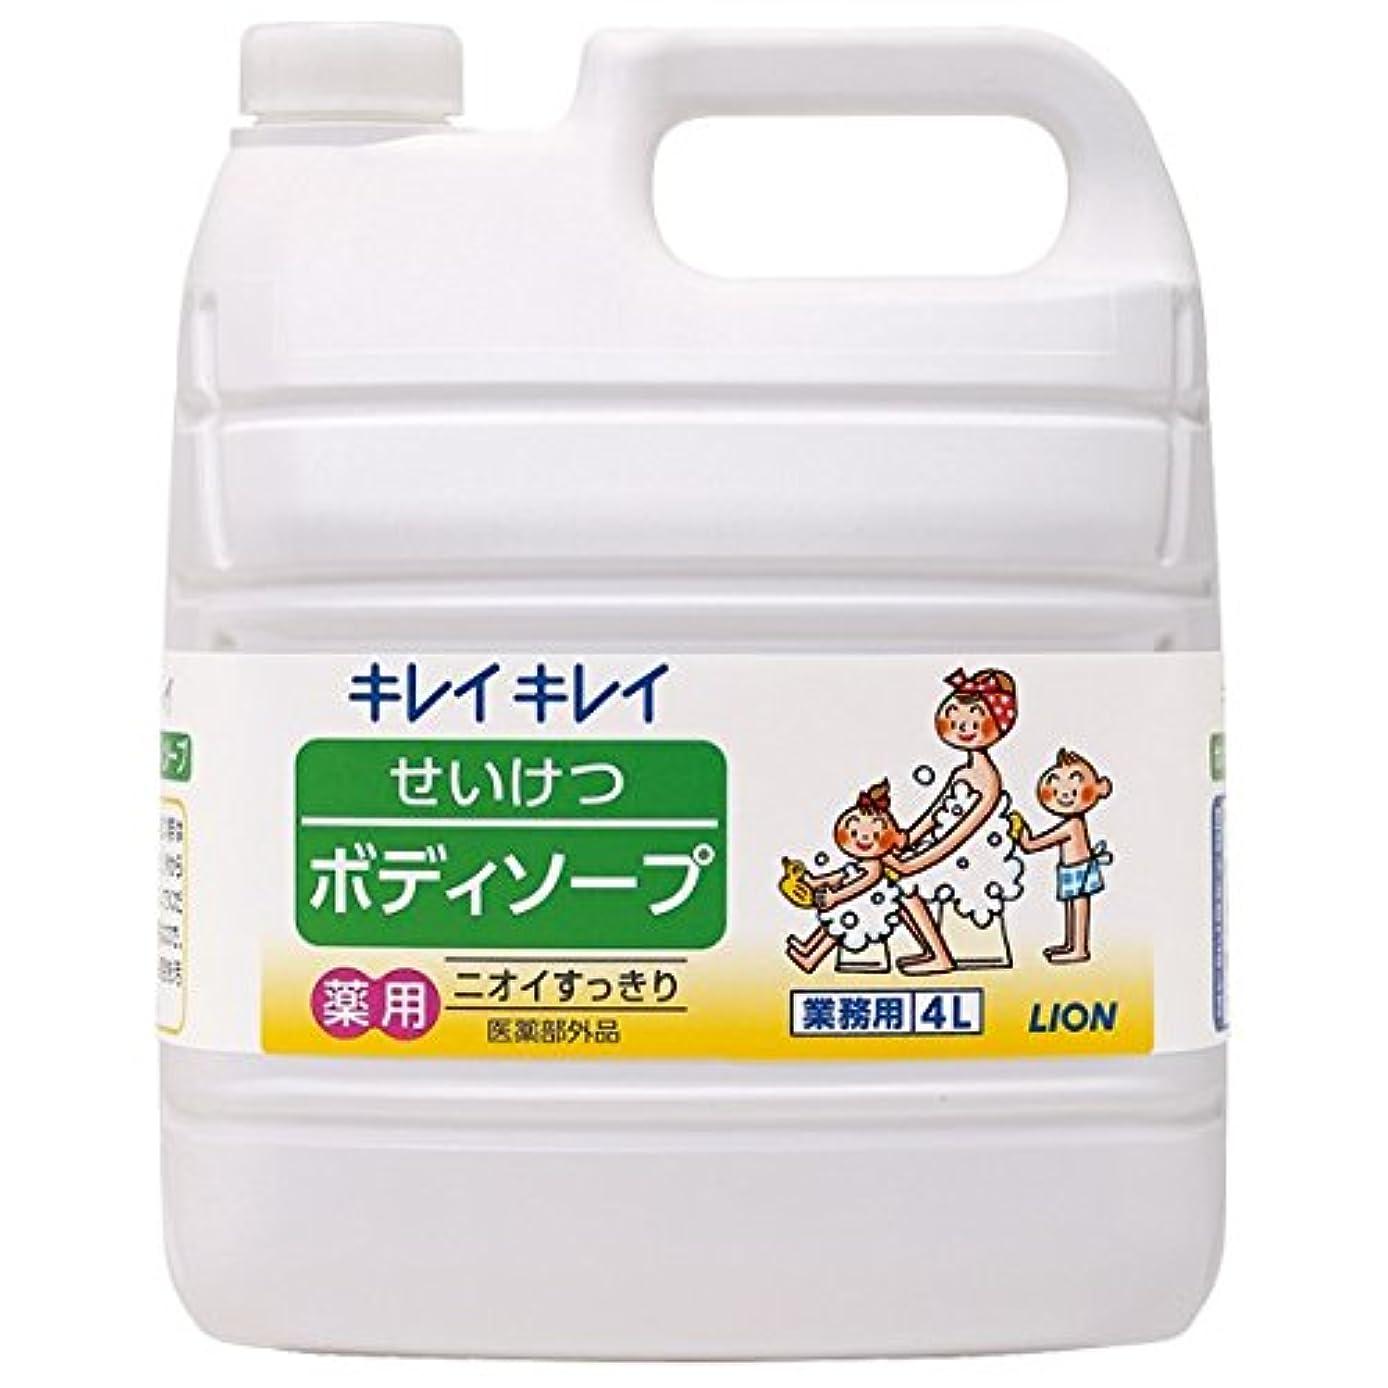 傾いた持参声を出してライオン キレイキレイ せいけつボディソープ さわやかなレモン&オレンジの香り 業務用 4L×3本